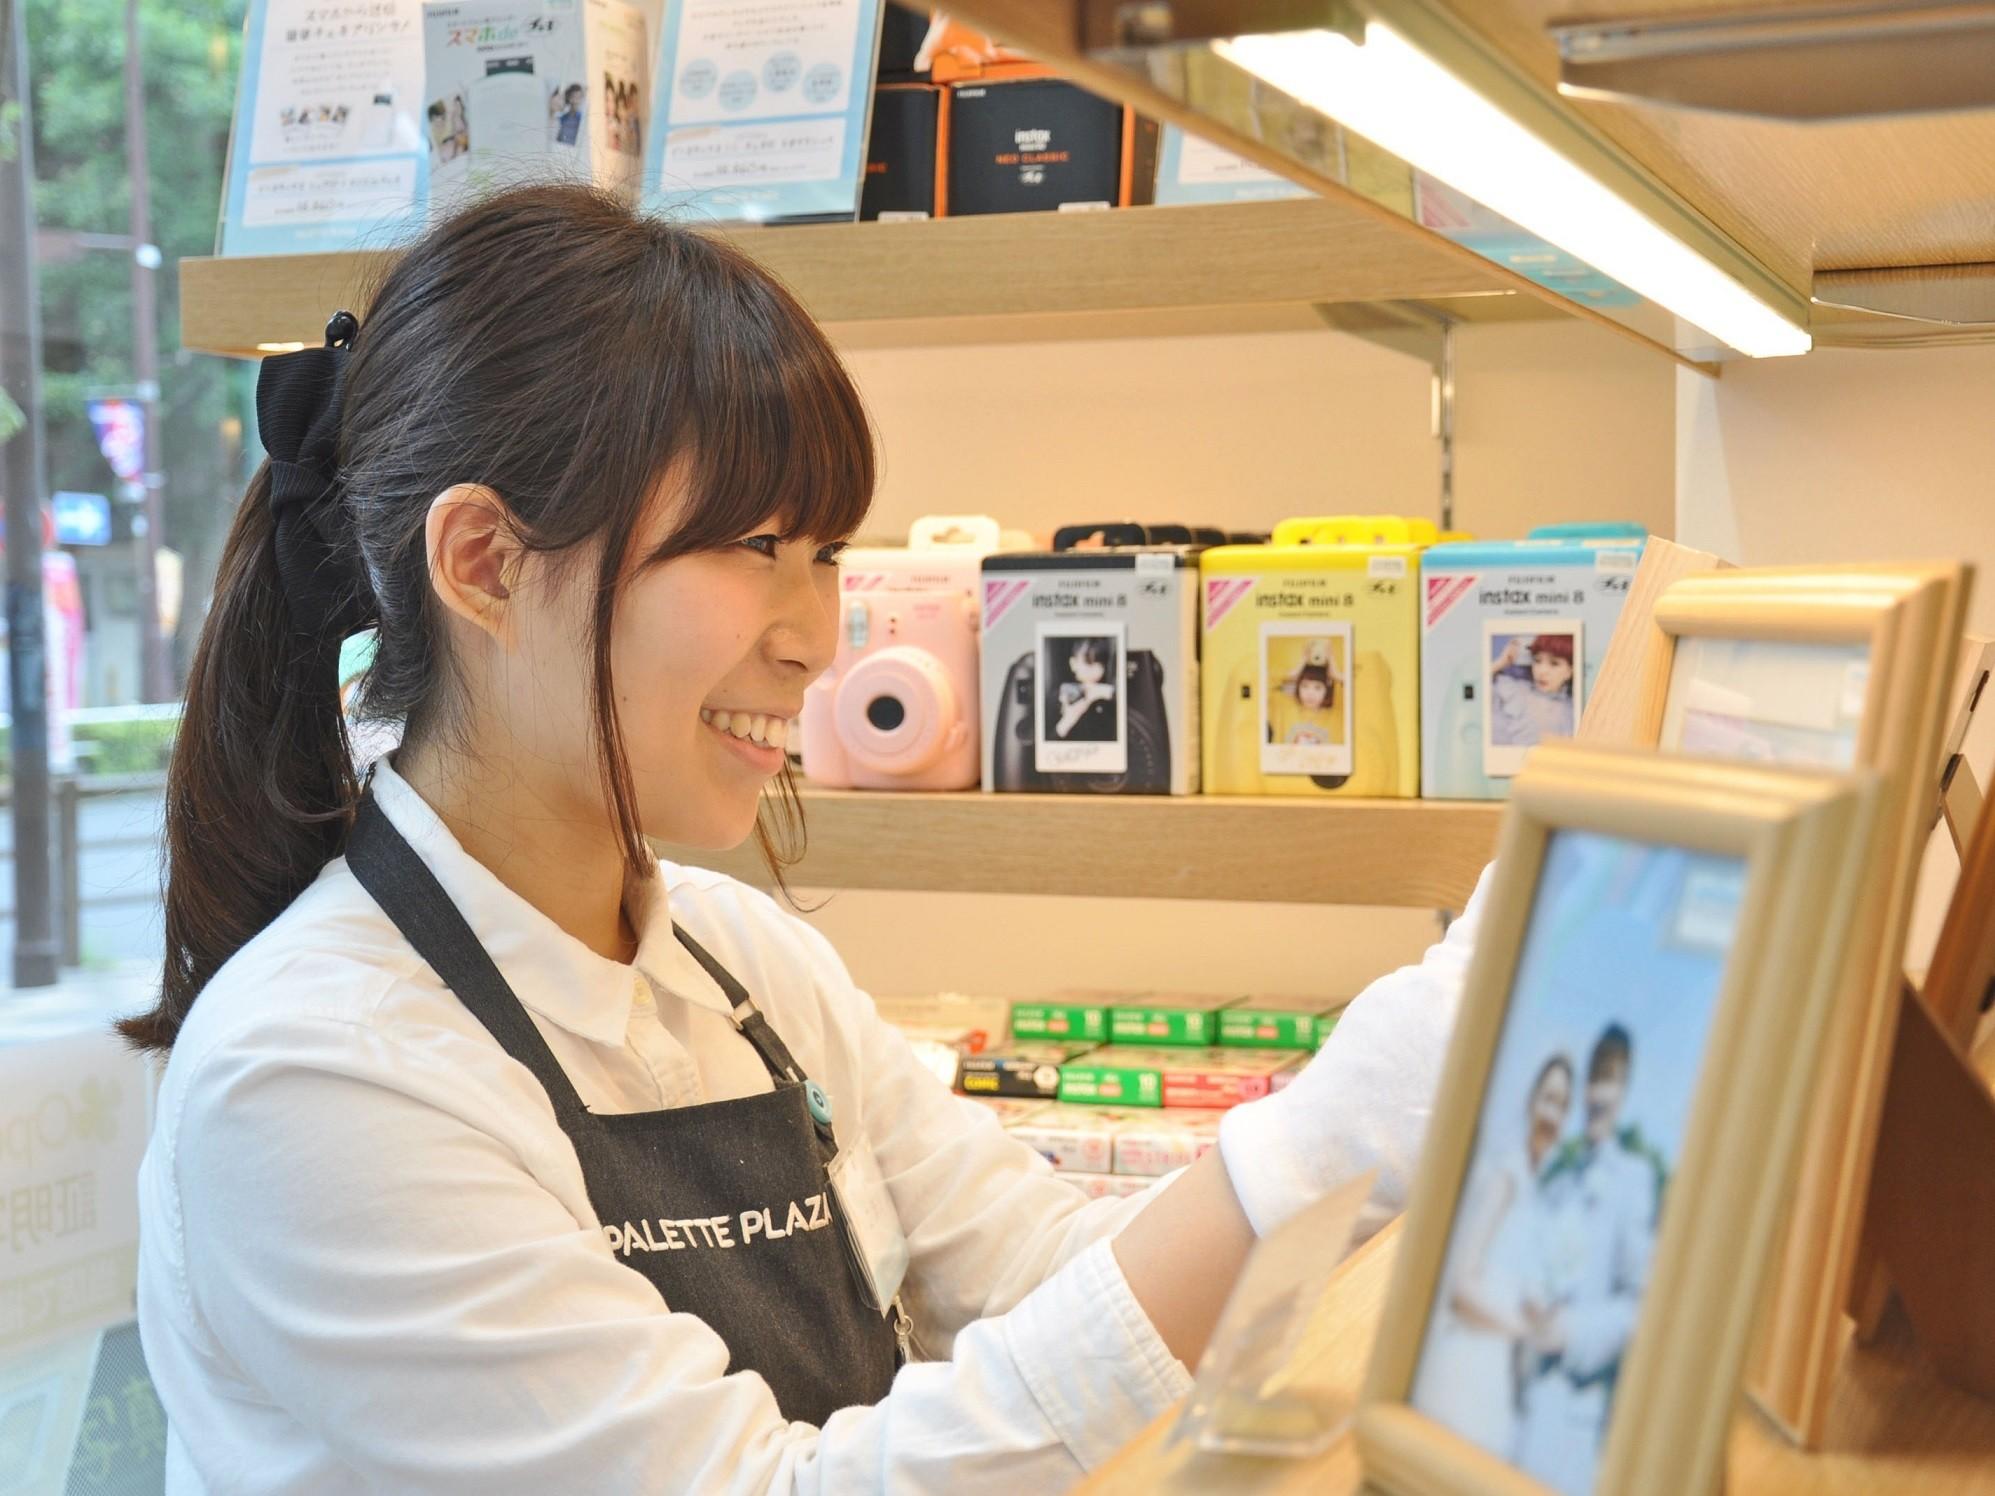 パレットプラザ シルピア東松山店<短期募集>のアルバイト情報